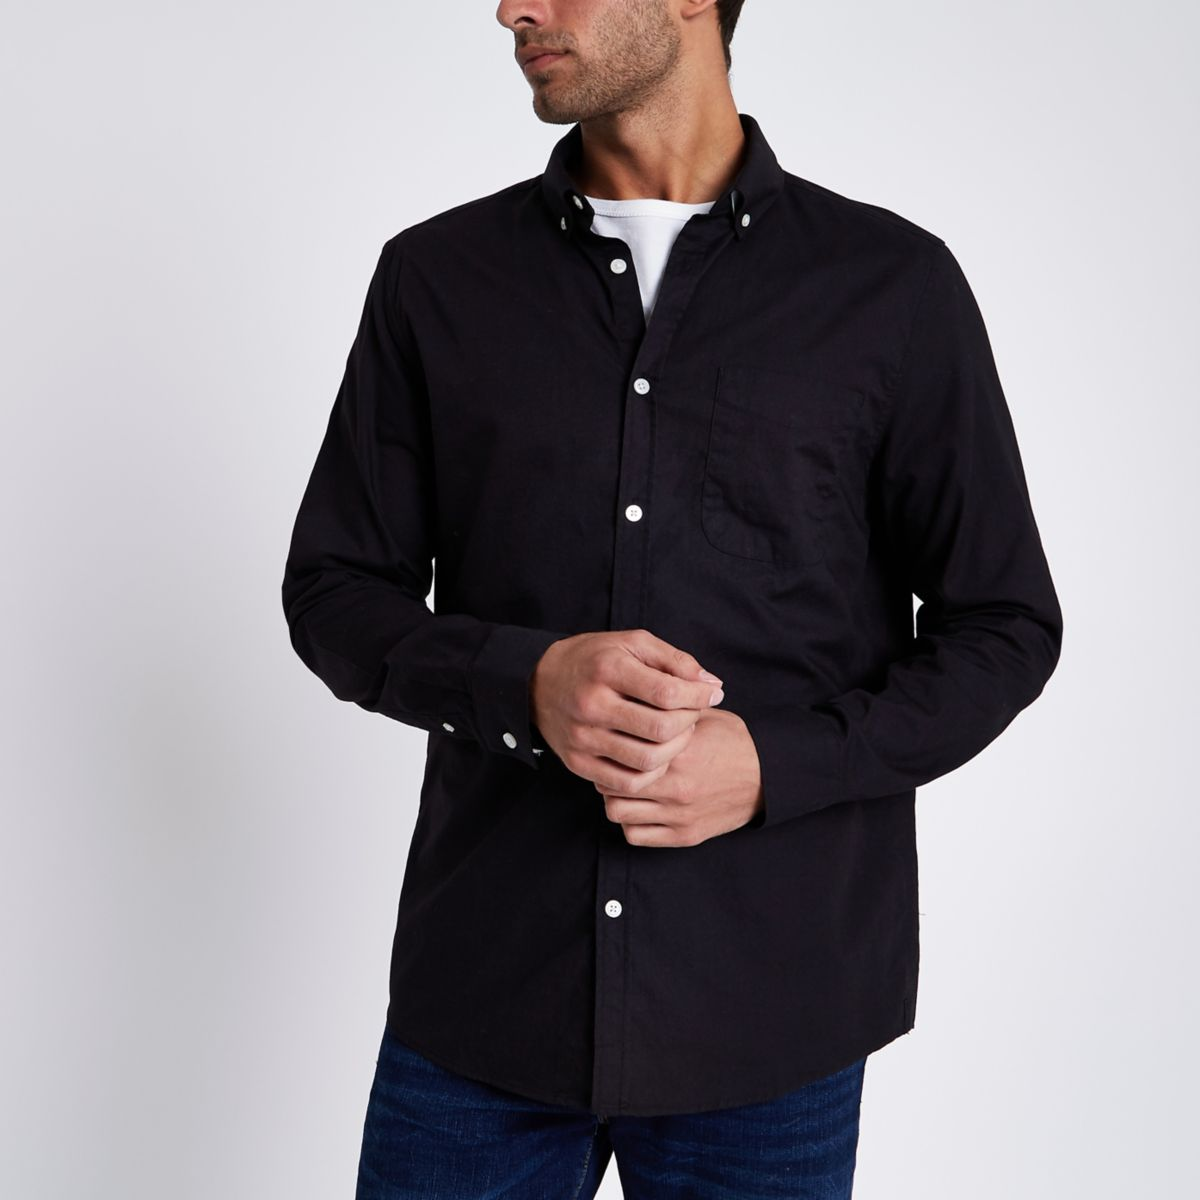 Zwart Oxford overhemd met knopen en lange mouwen